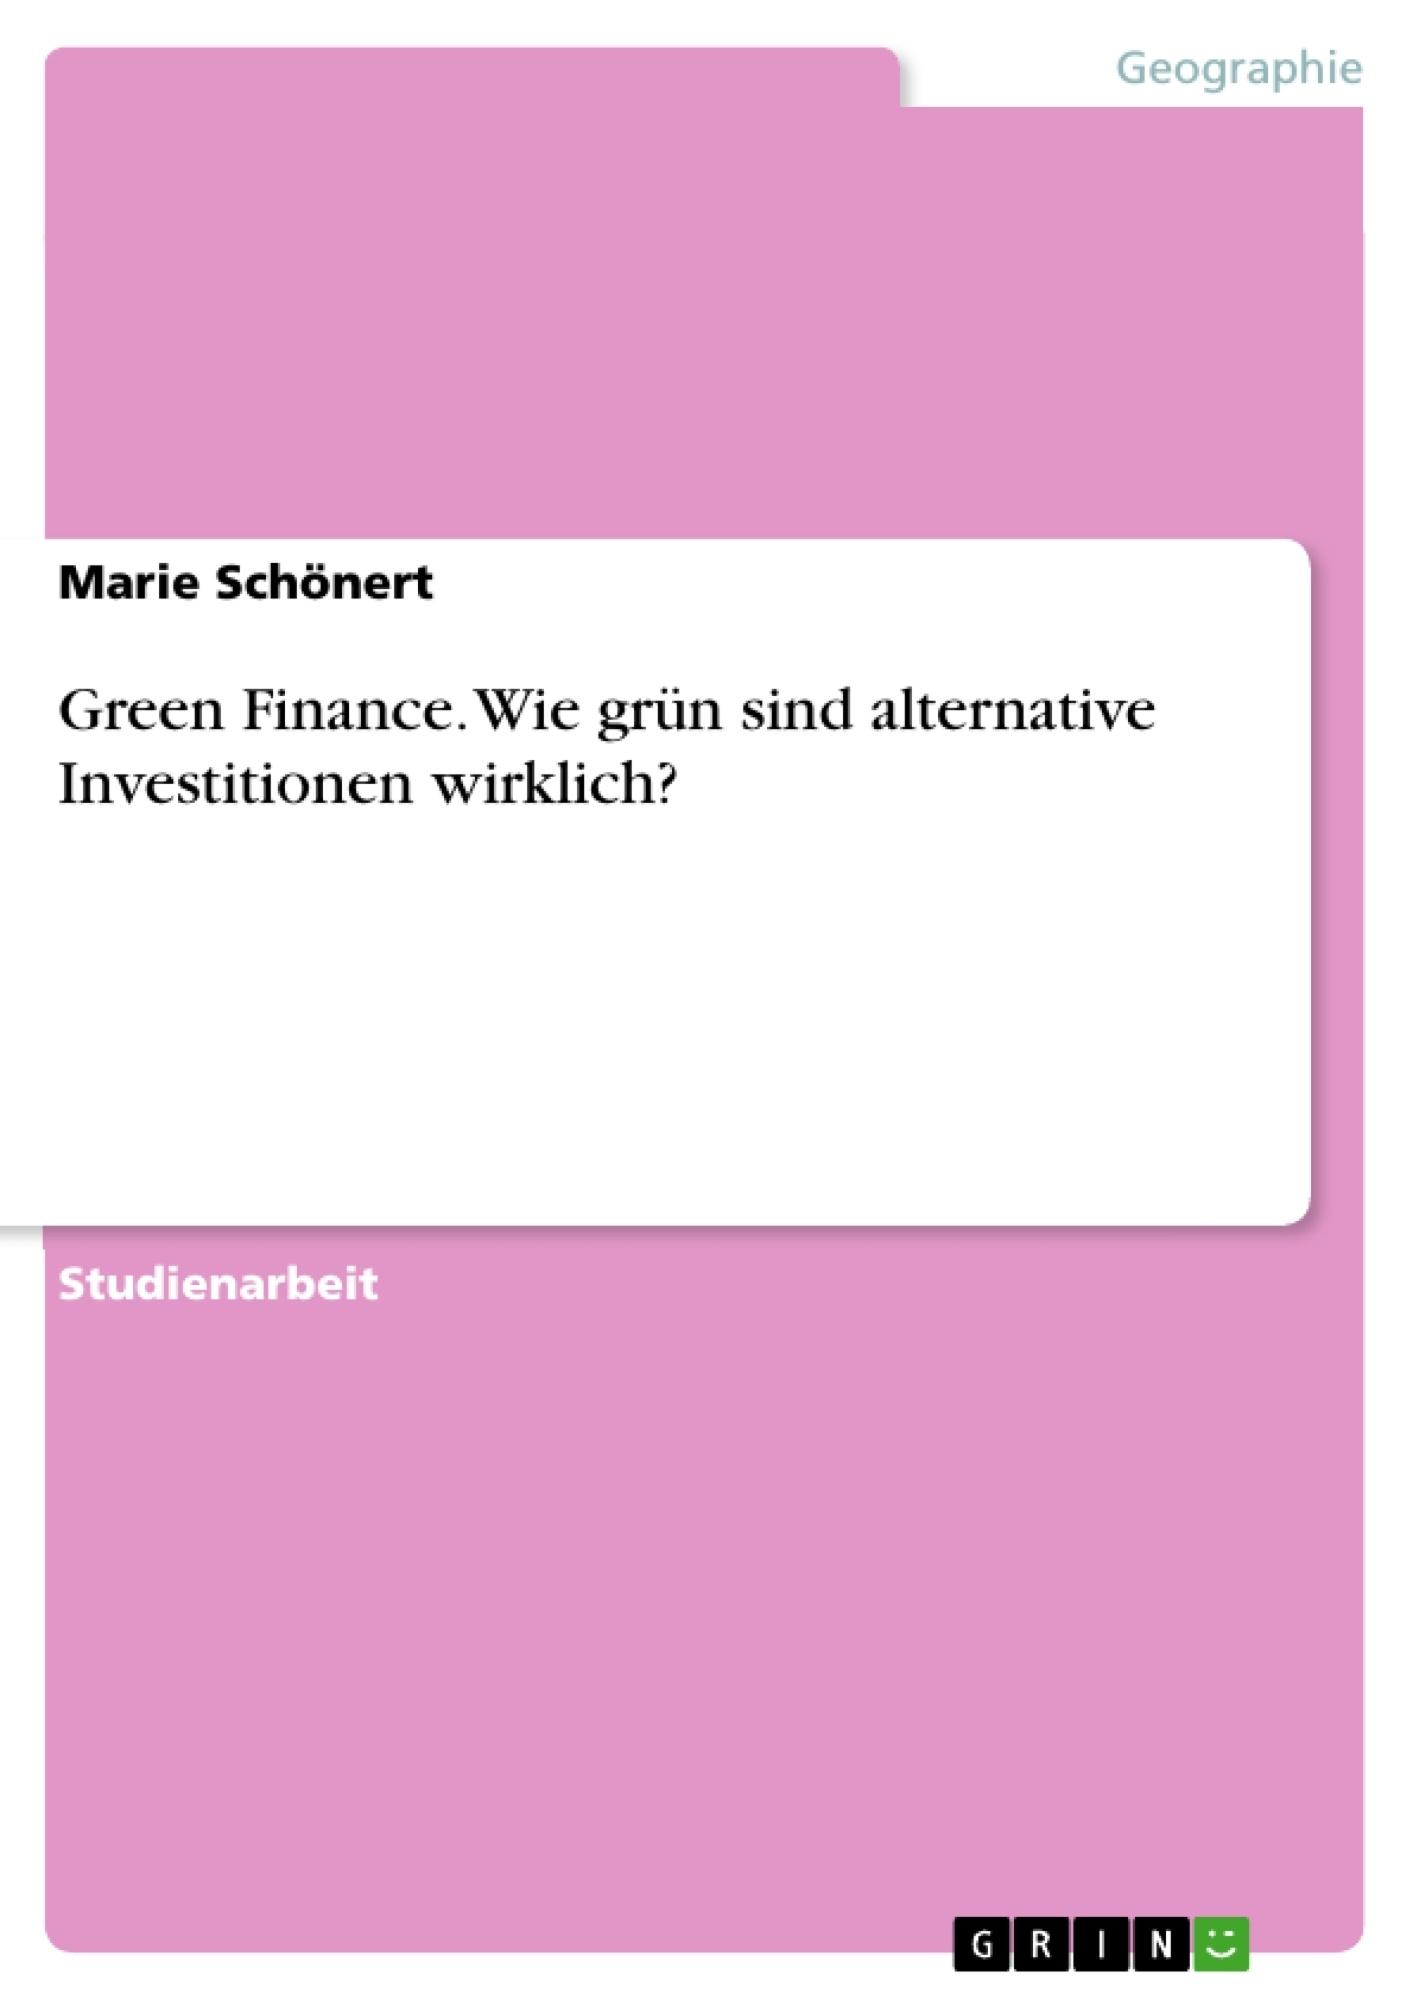 Titel: Green Finance. Wie grün sind alternative Investitionen wirklich?